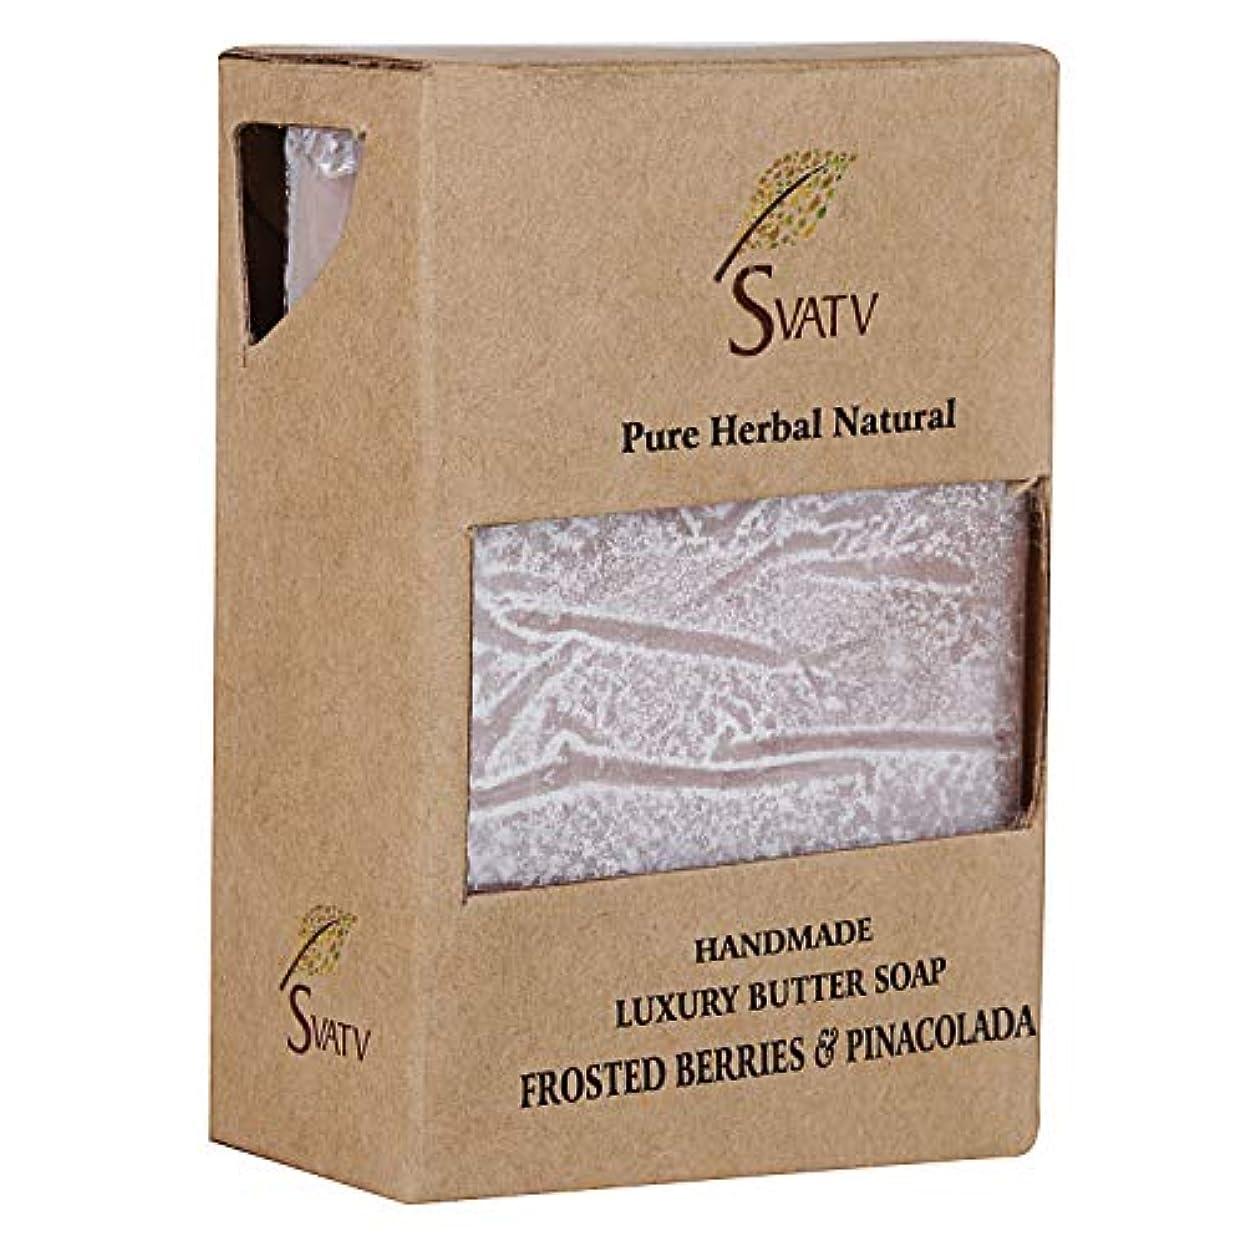 汚染するフォローランクSVATV Handmade Luxury Butter Soap Frosted Berries & Pinacolada For All Skin types 100g Bar